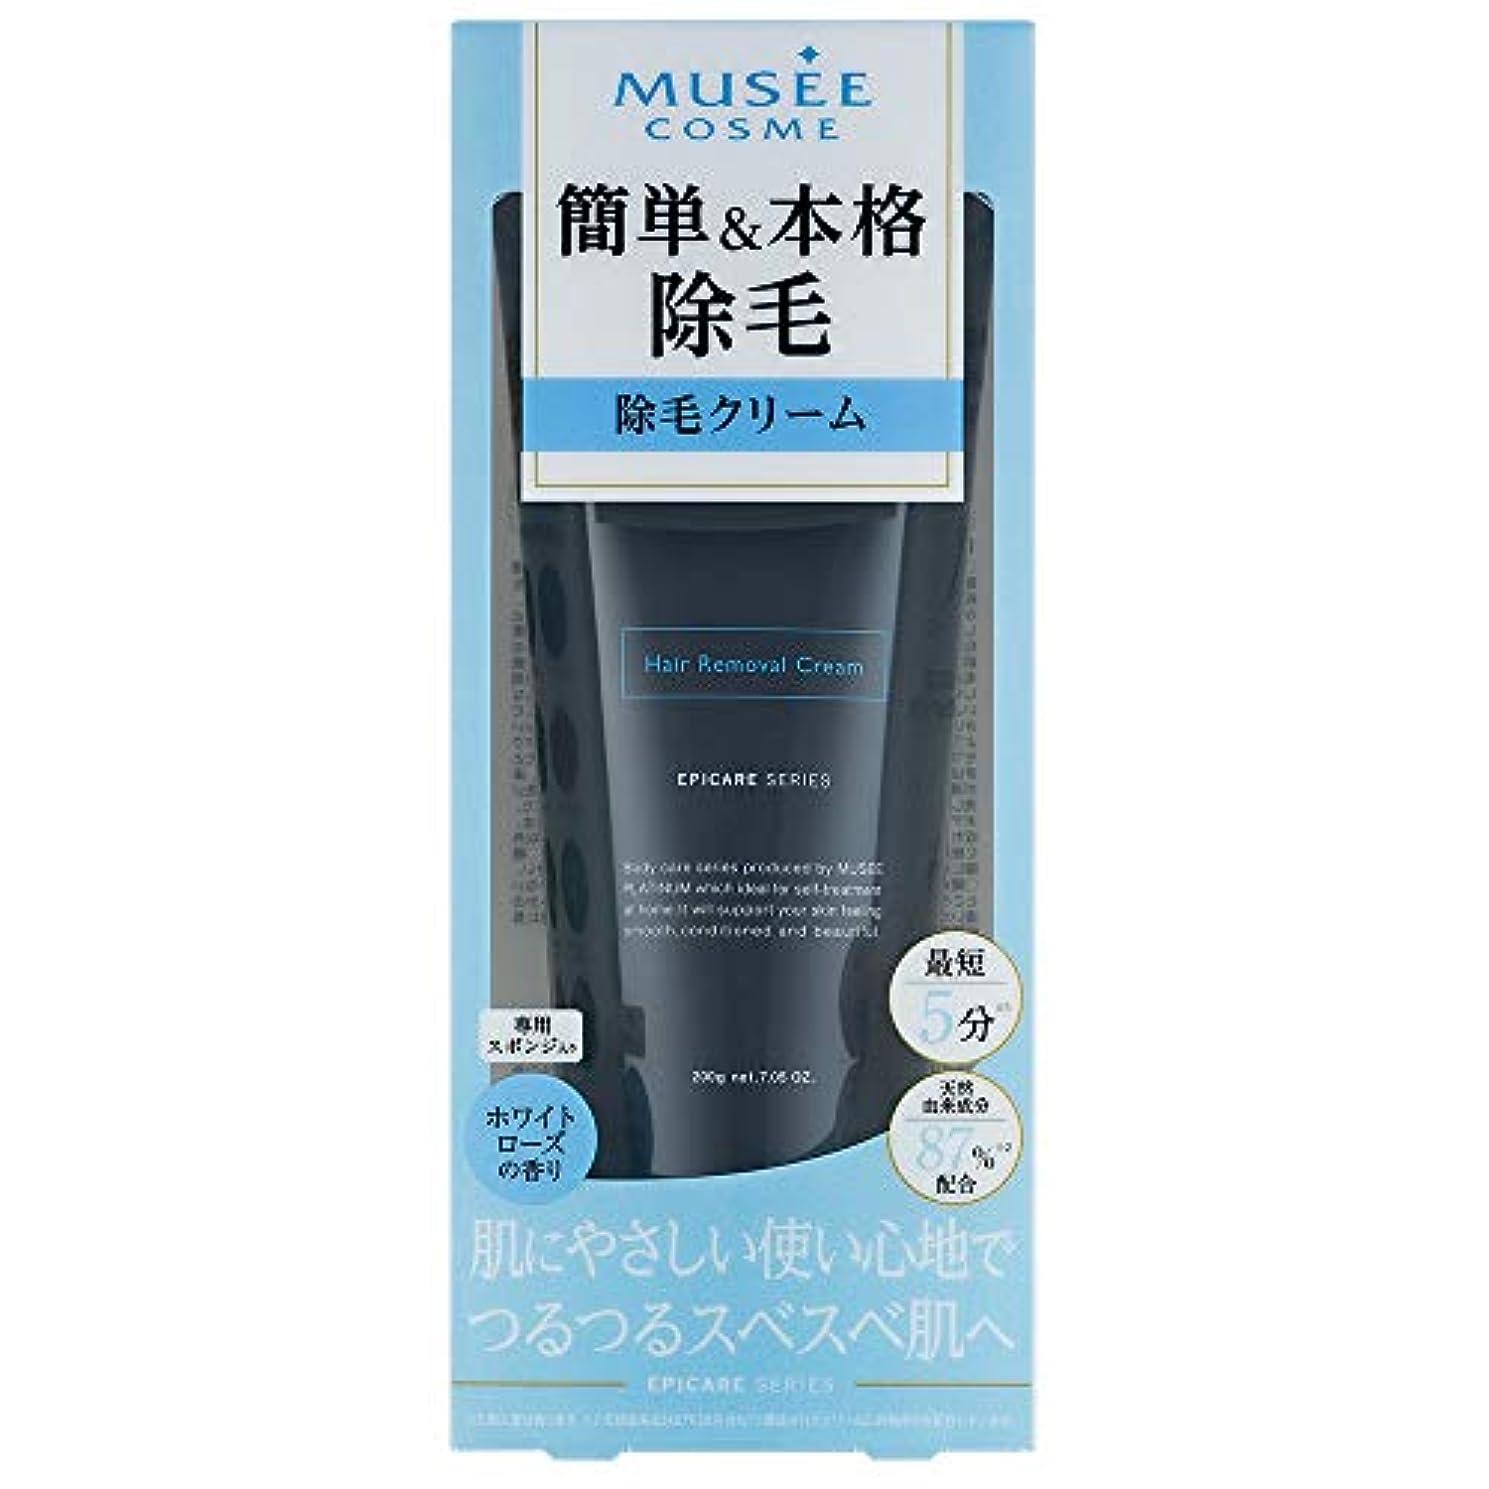 ミュゼコスメ 薬用ヘアリムーバルクリーム (200g) [医薬部外品]